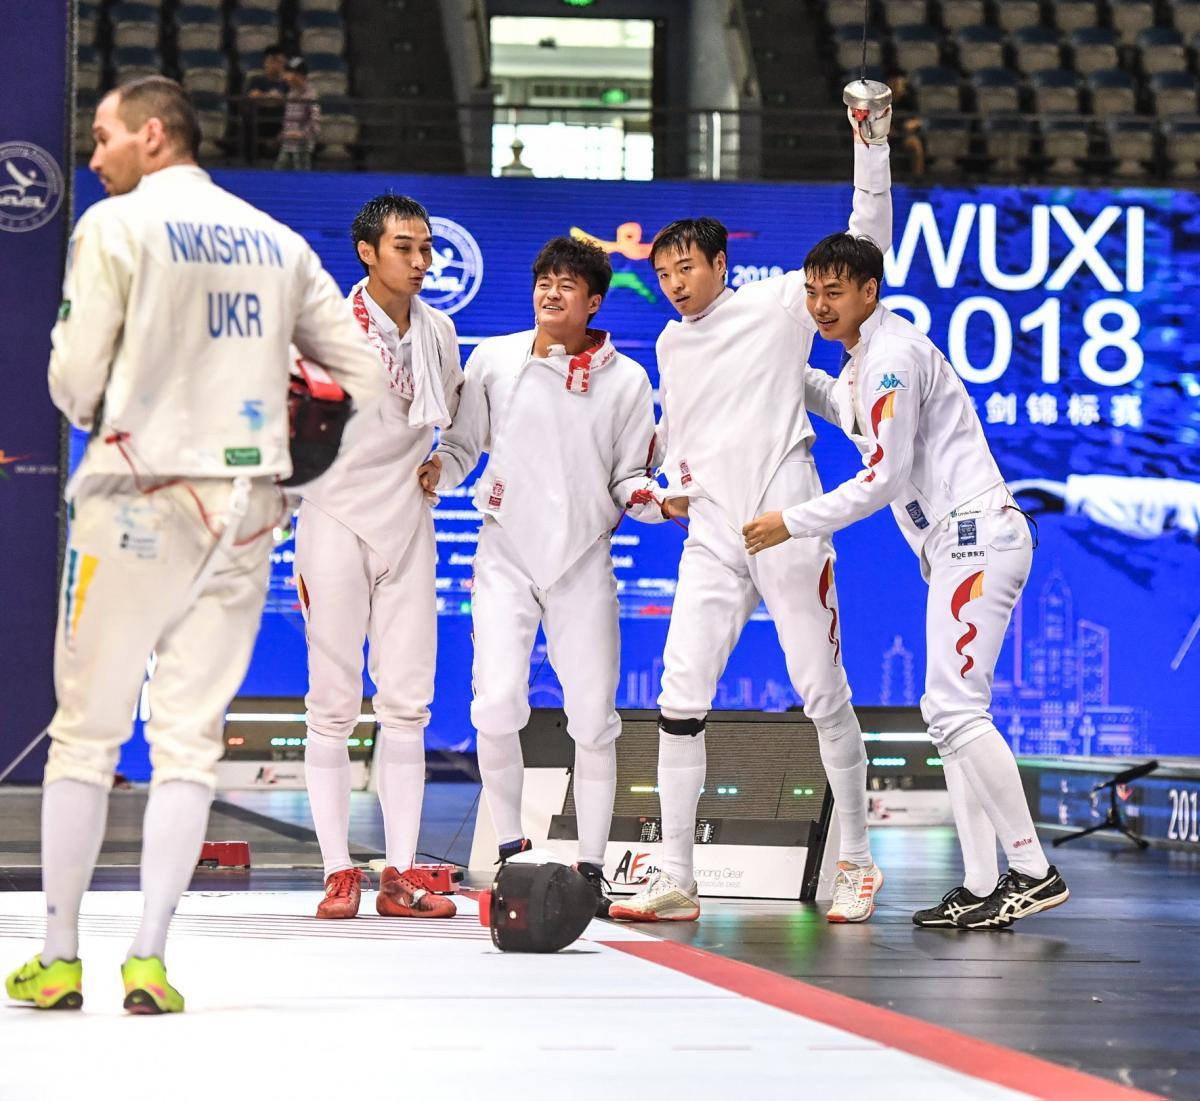 Нікішин і його партнери по команді програли збірній Китаю / prosportua.com